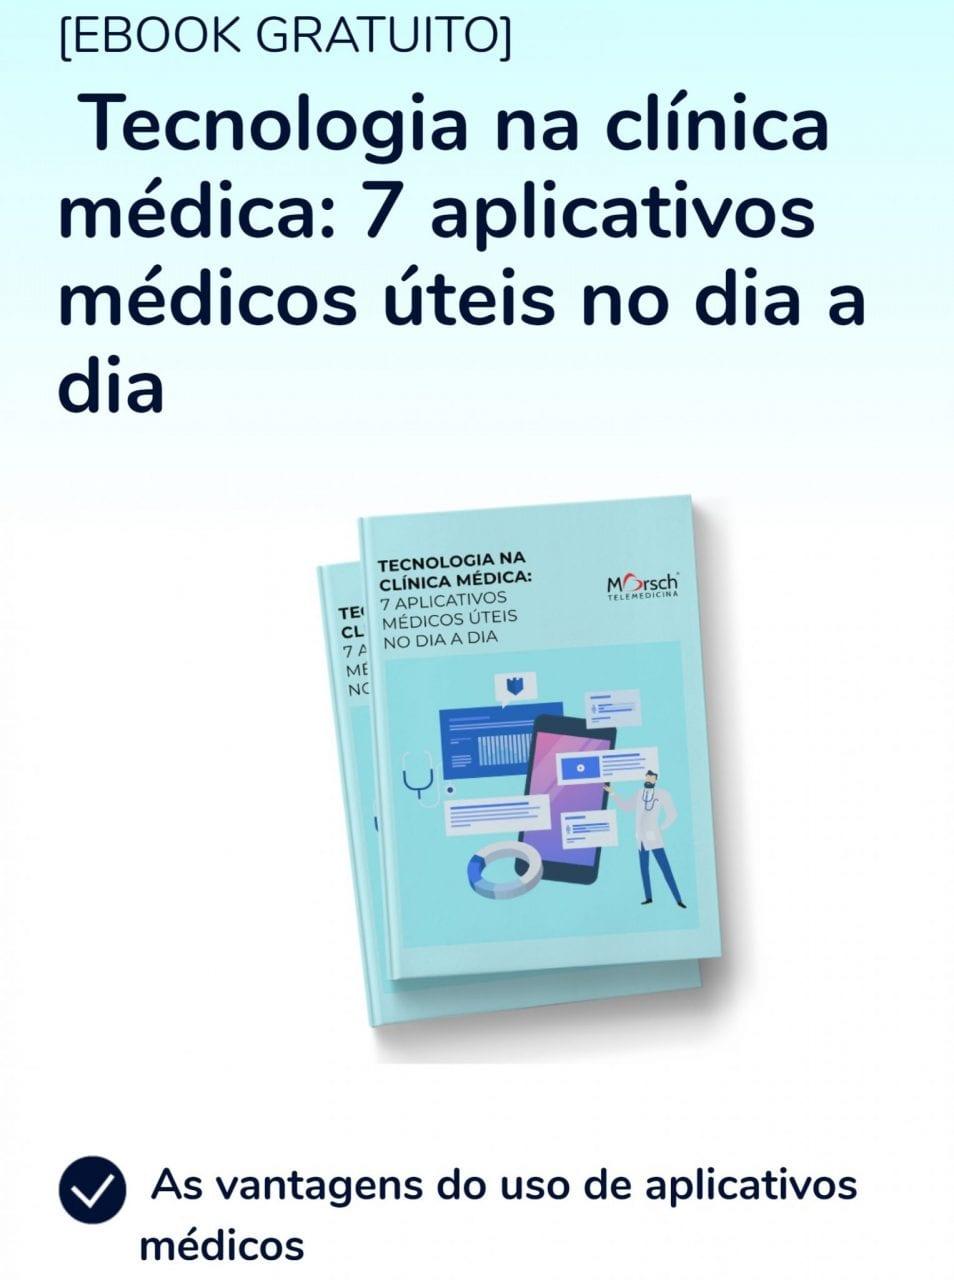 Lista de aplicativos médicos